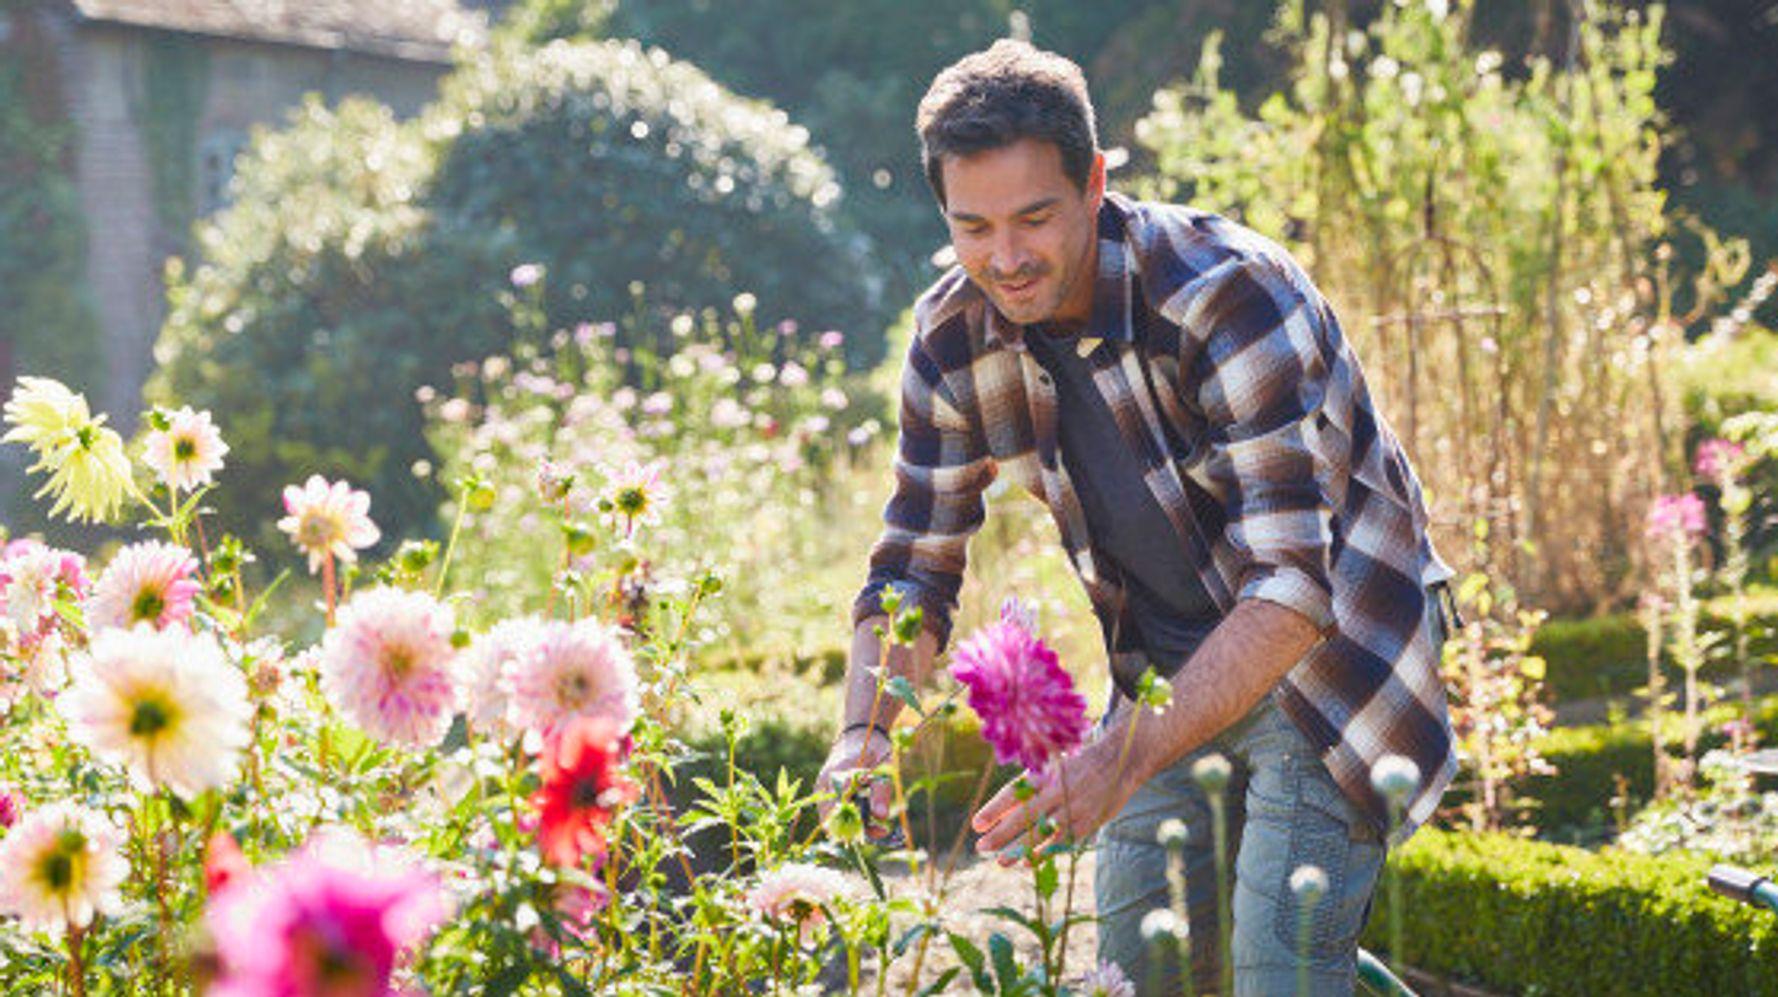 Comment Faire Un Beau Jardin 10 conseils pour transformer son jardin en petit paradis